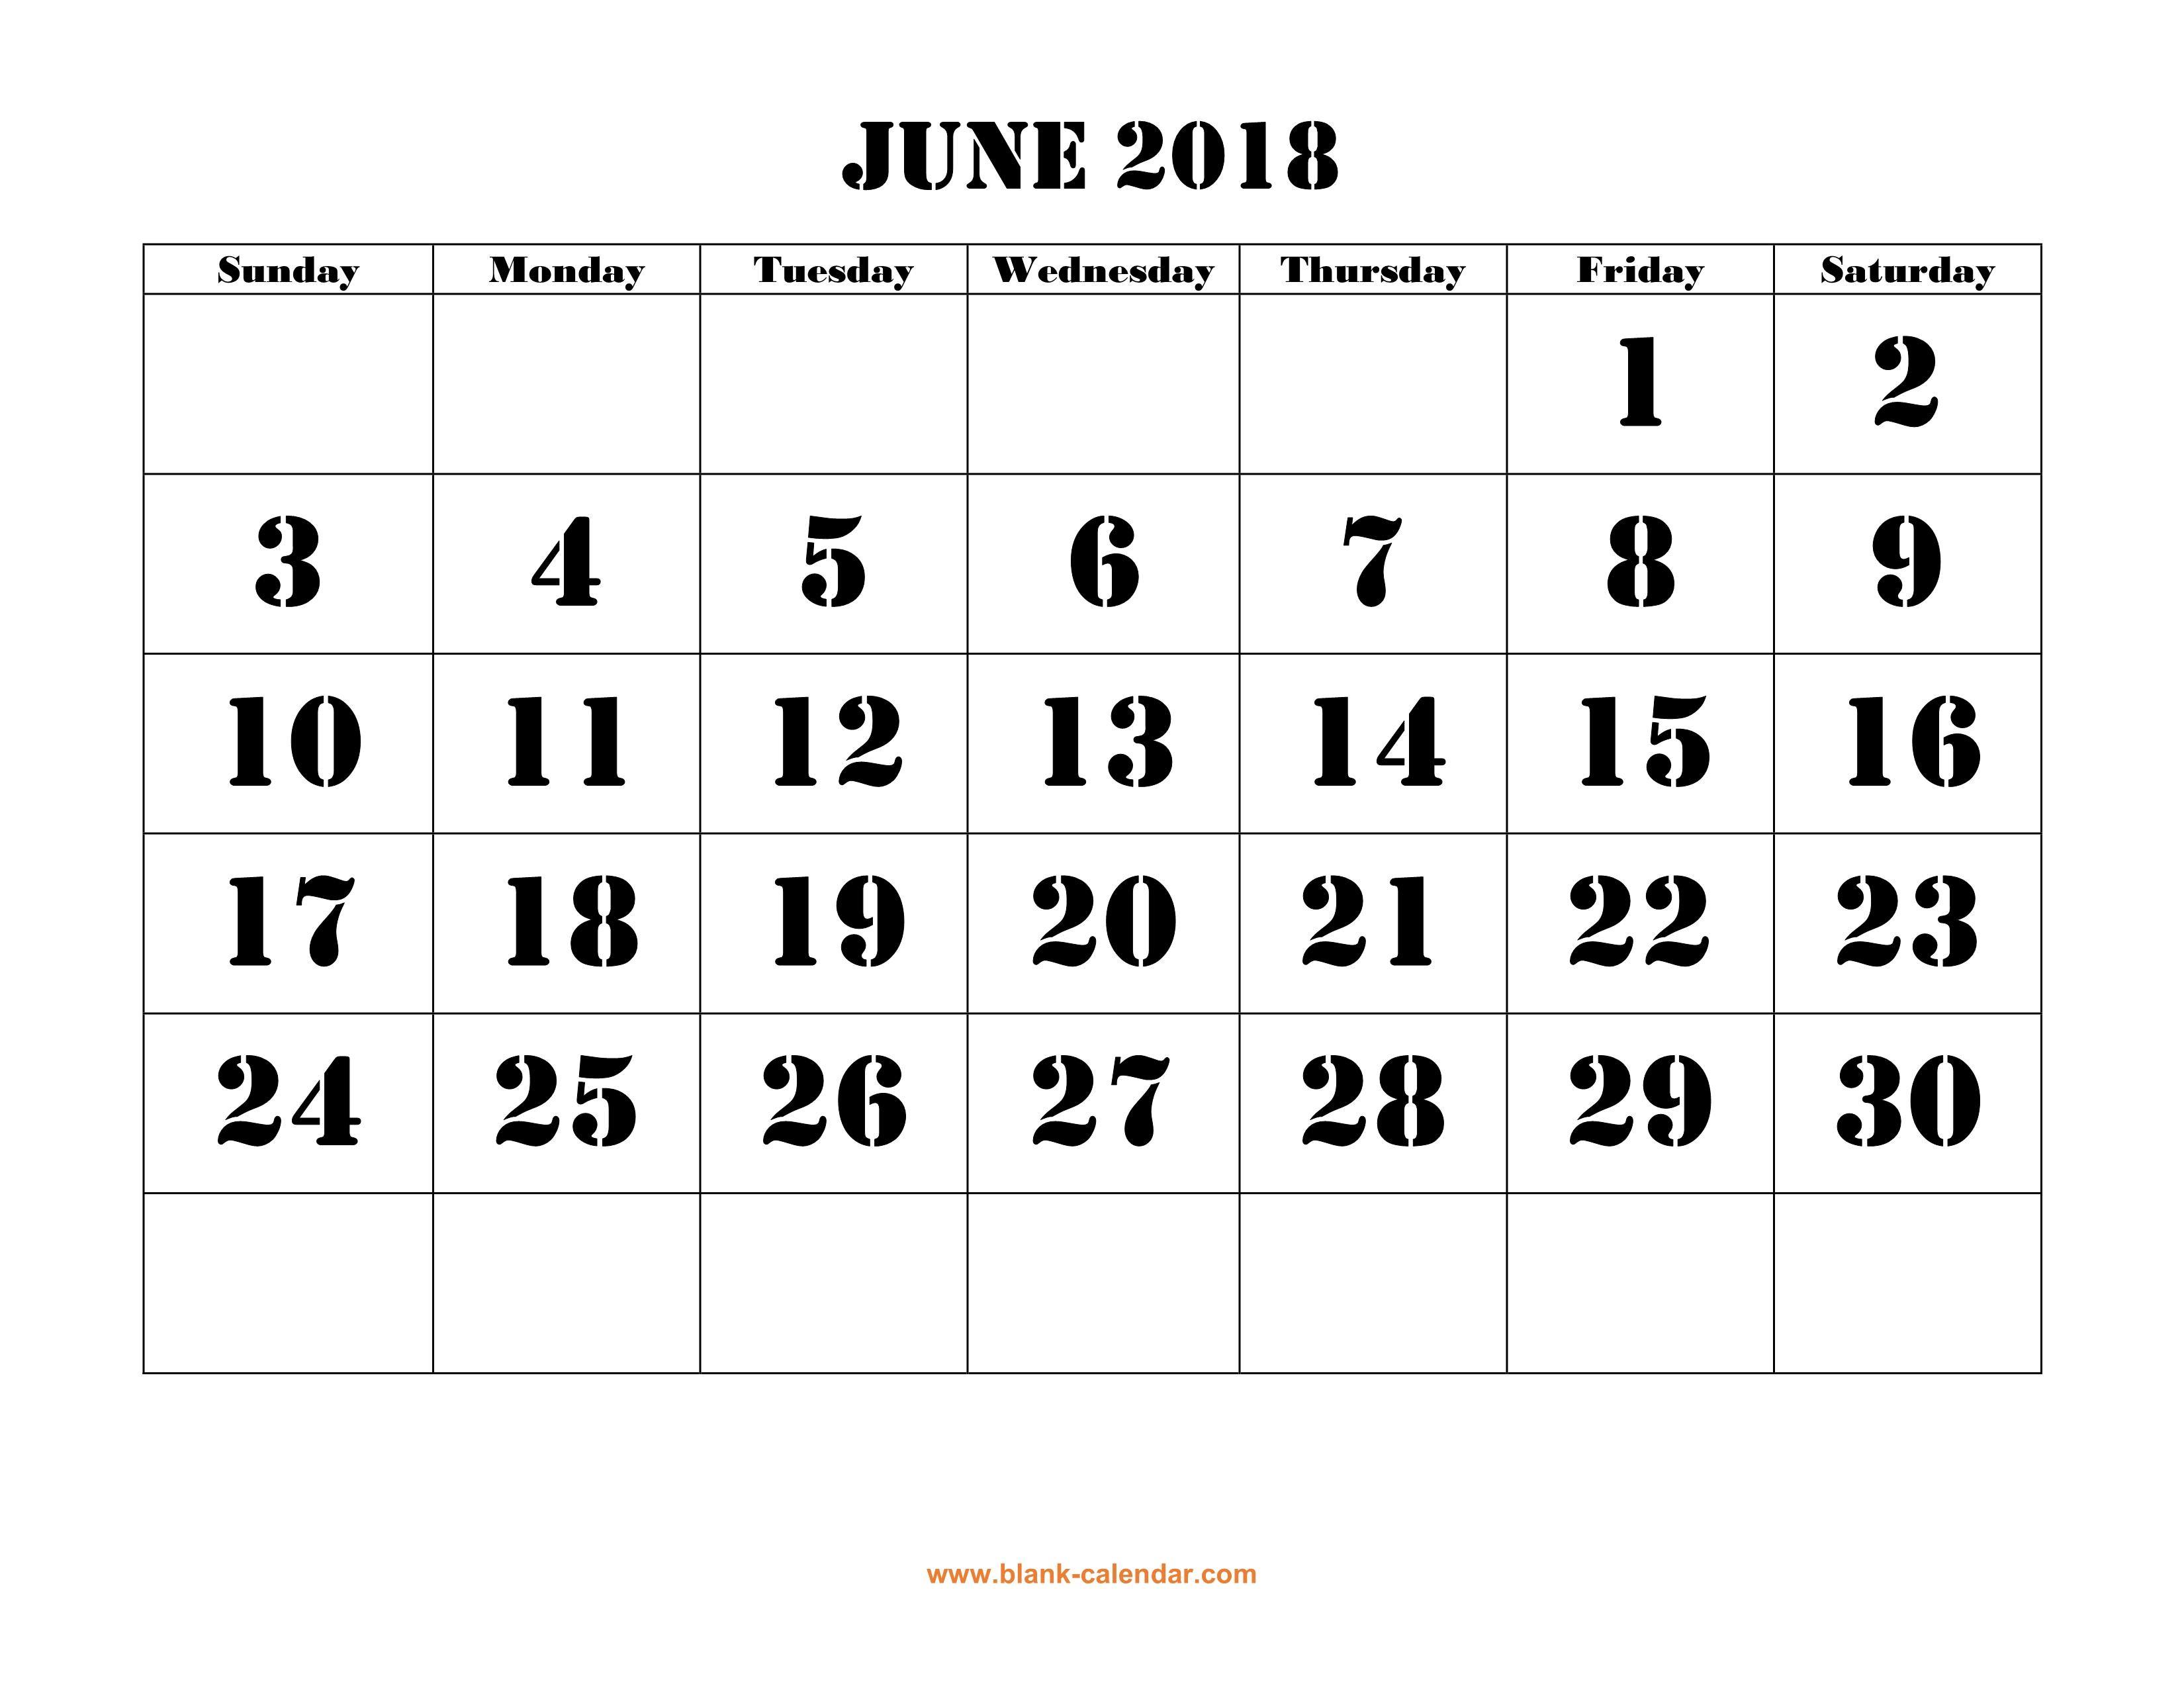 Free Download Printable June 2018 Calendar, Large Font Design